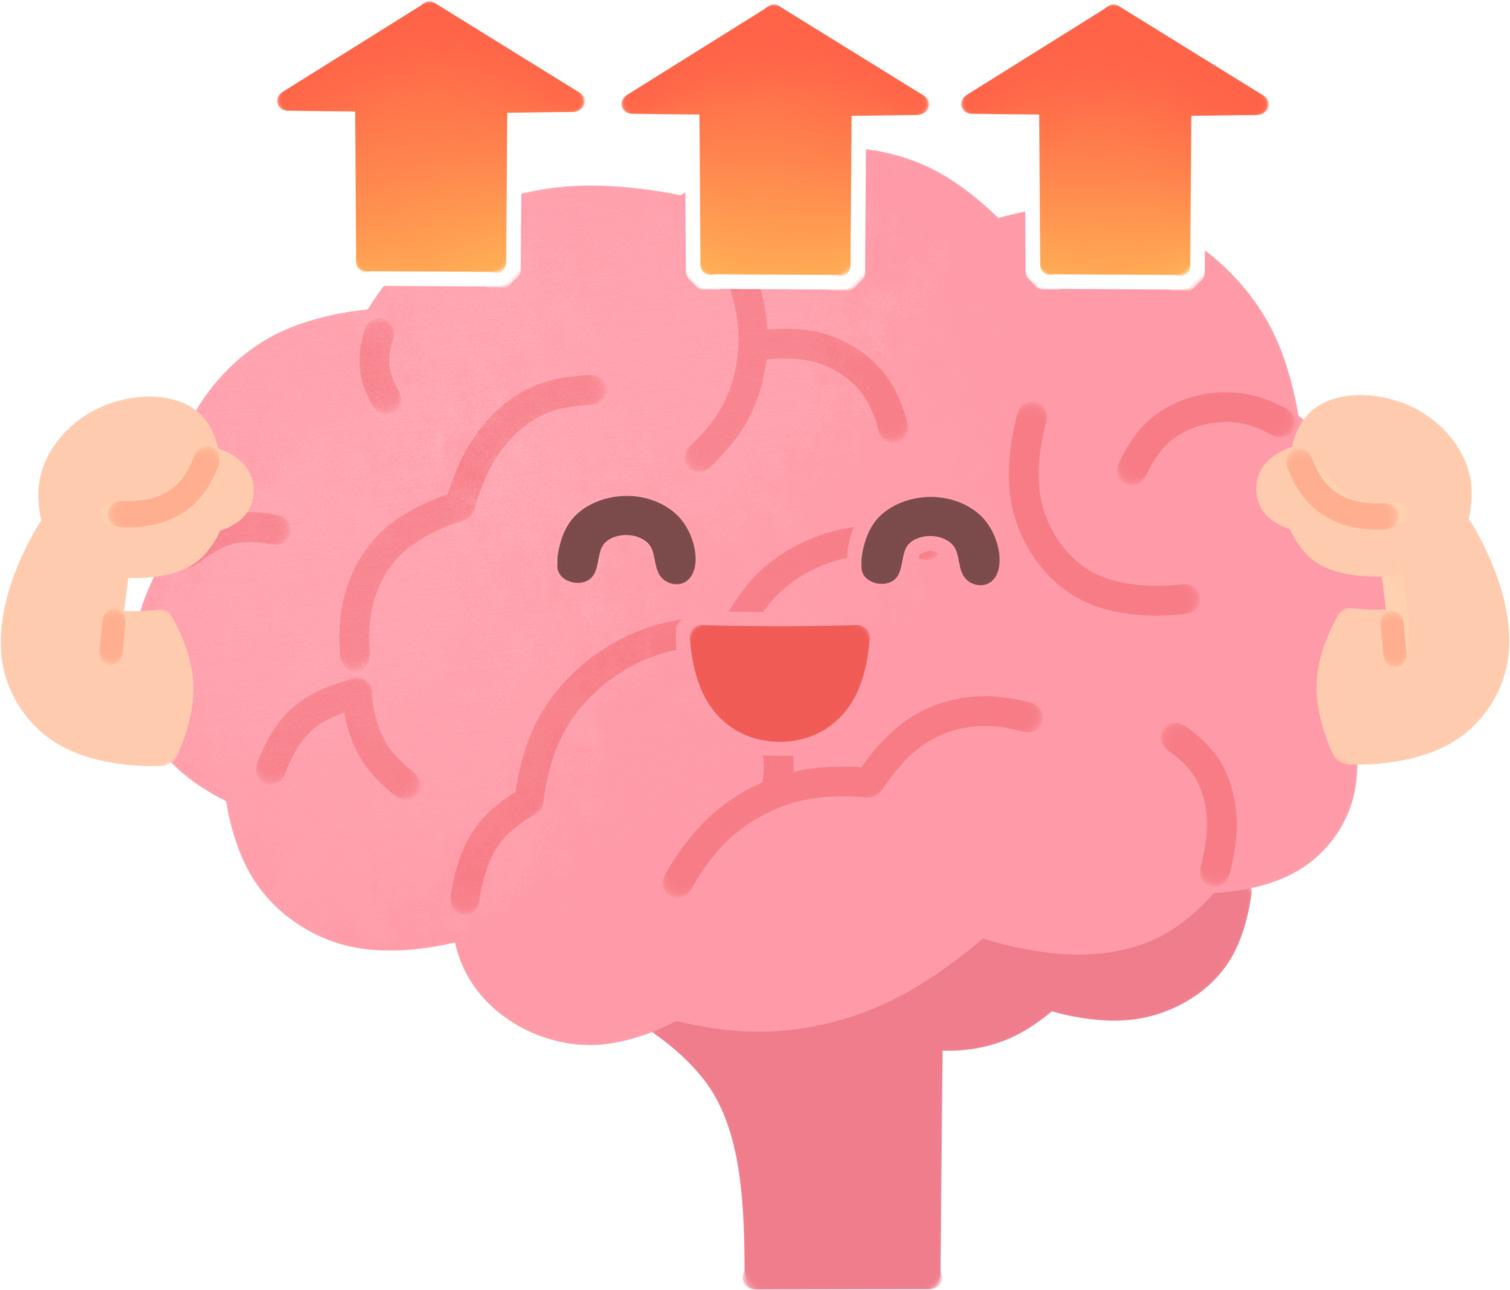 記憶力の鍛え方と記憶するために必要なこと